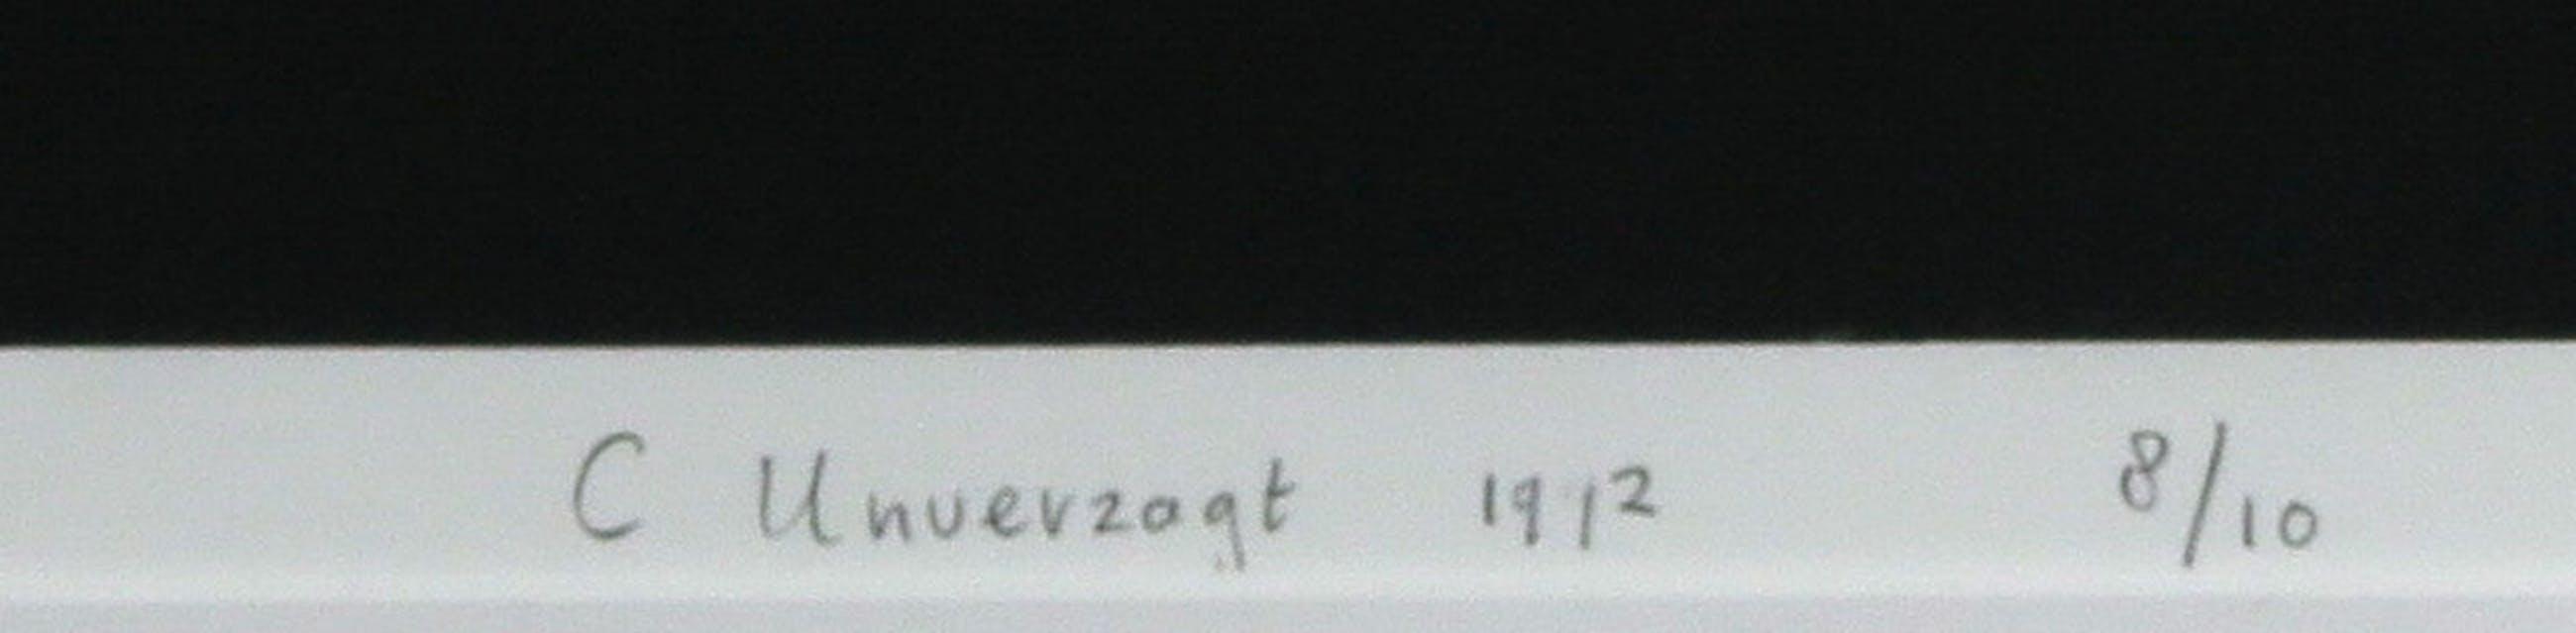 Carin Unverzagt - Linosnede, Zonder titel - Ingelijst (Groot) kopen? Bied vanaf 70!